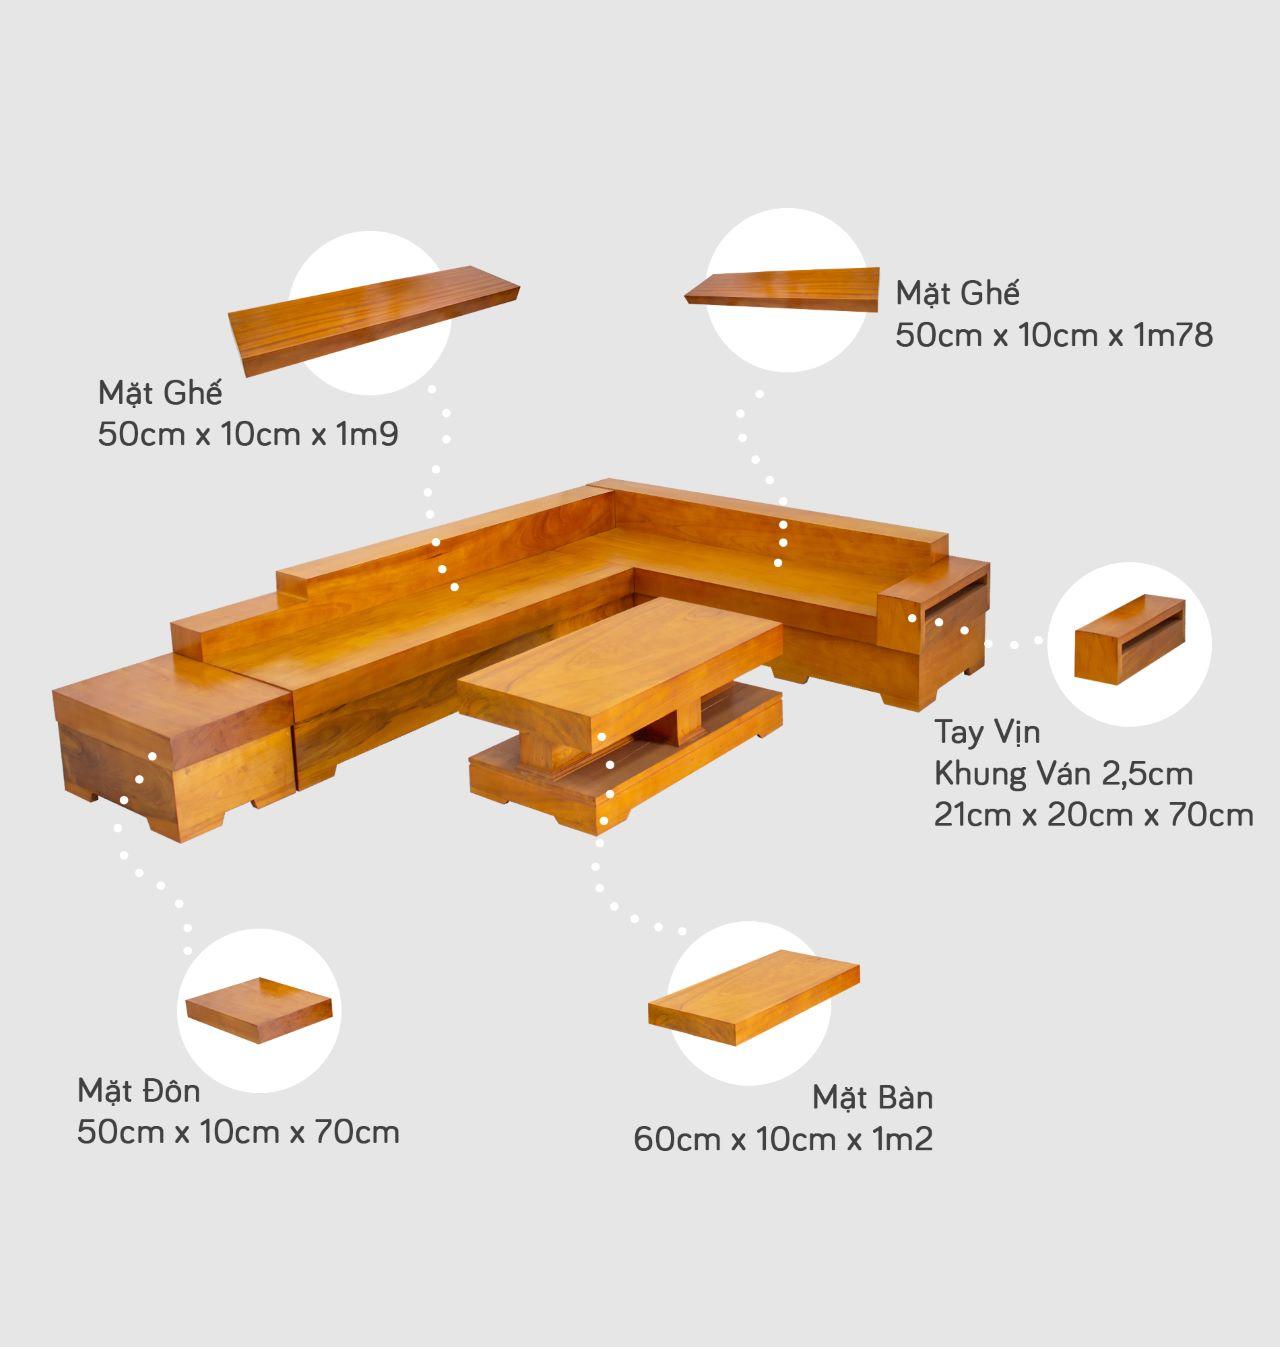 sofa go nguyen khoi 3c - Bộ bàn ghế sofa gỗ đẹp hiện đại sang trọng đẳng cấp